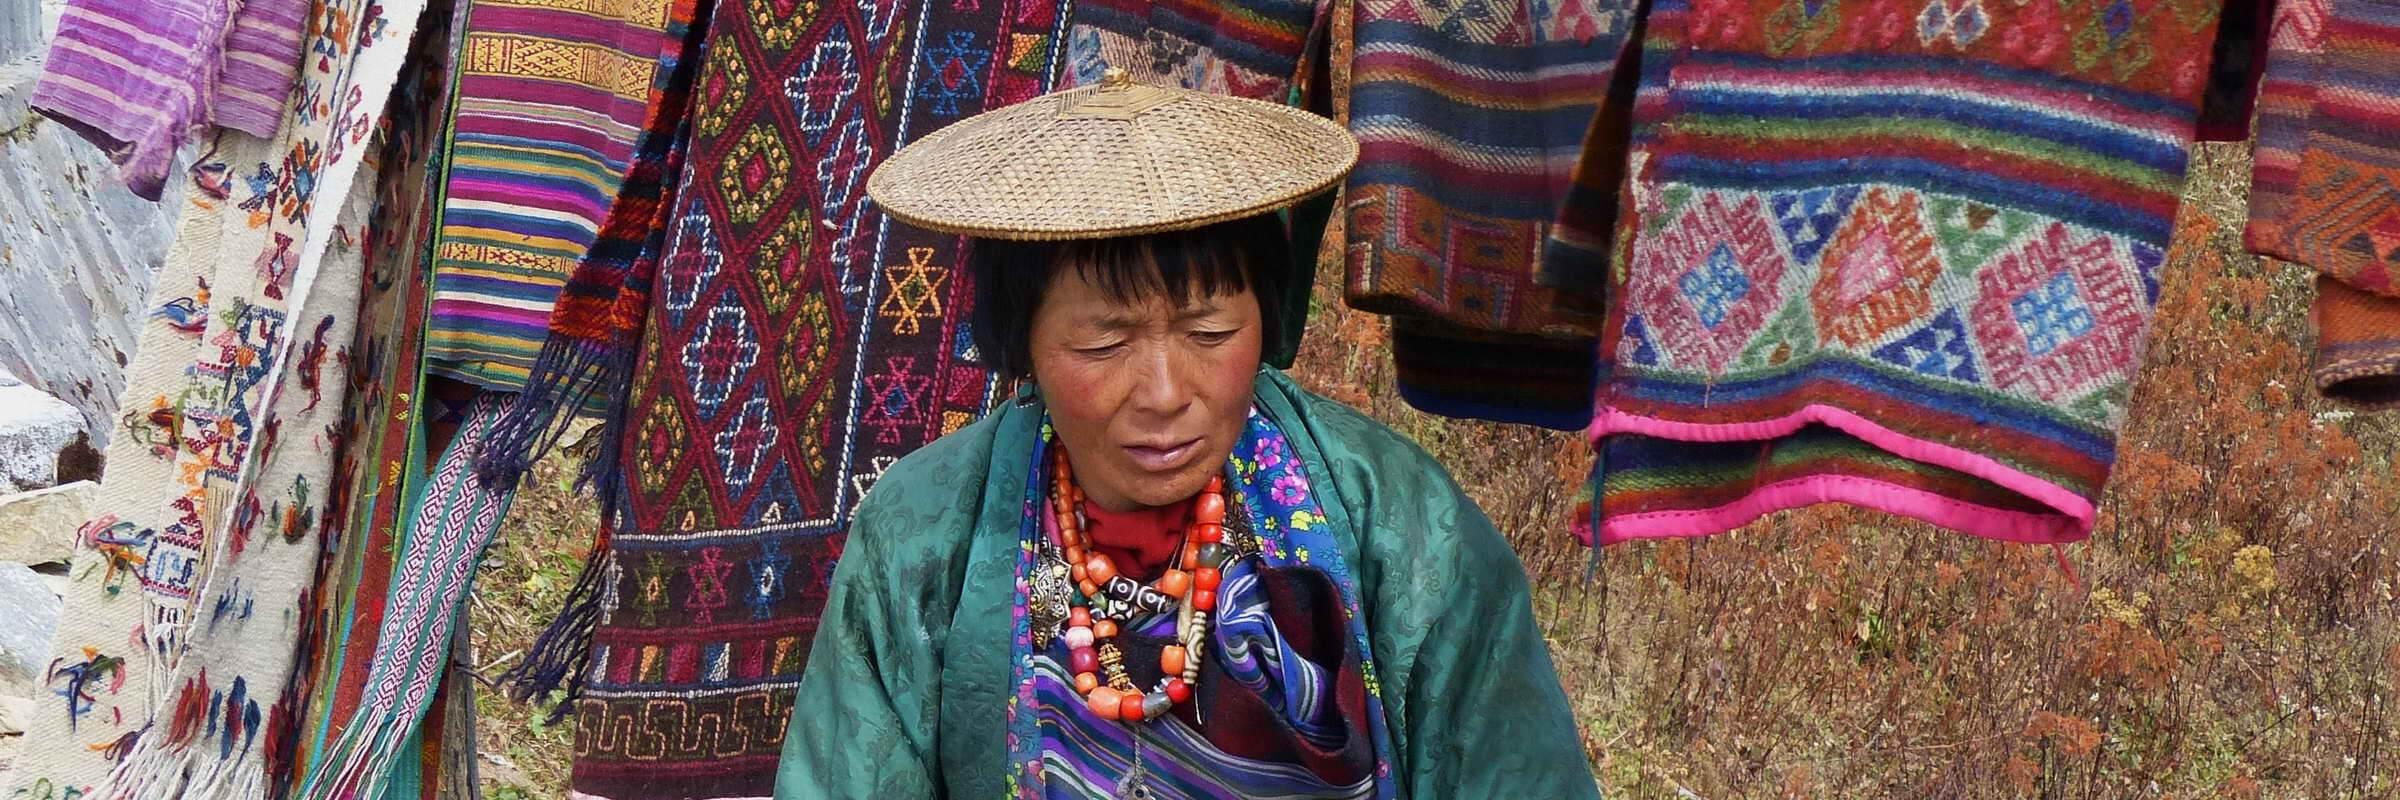 Bhutan ein ursprüngliches Reiseziel